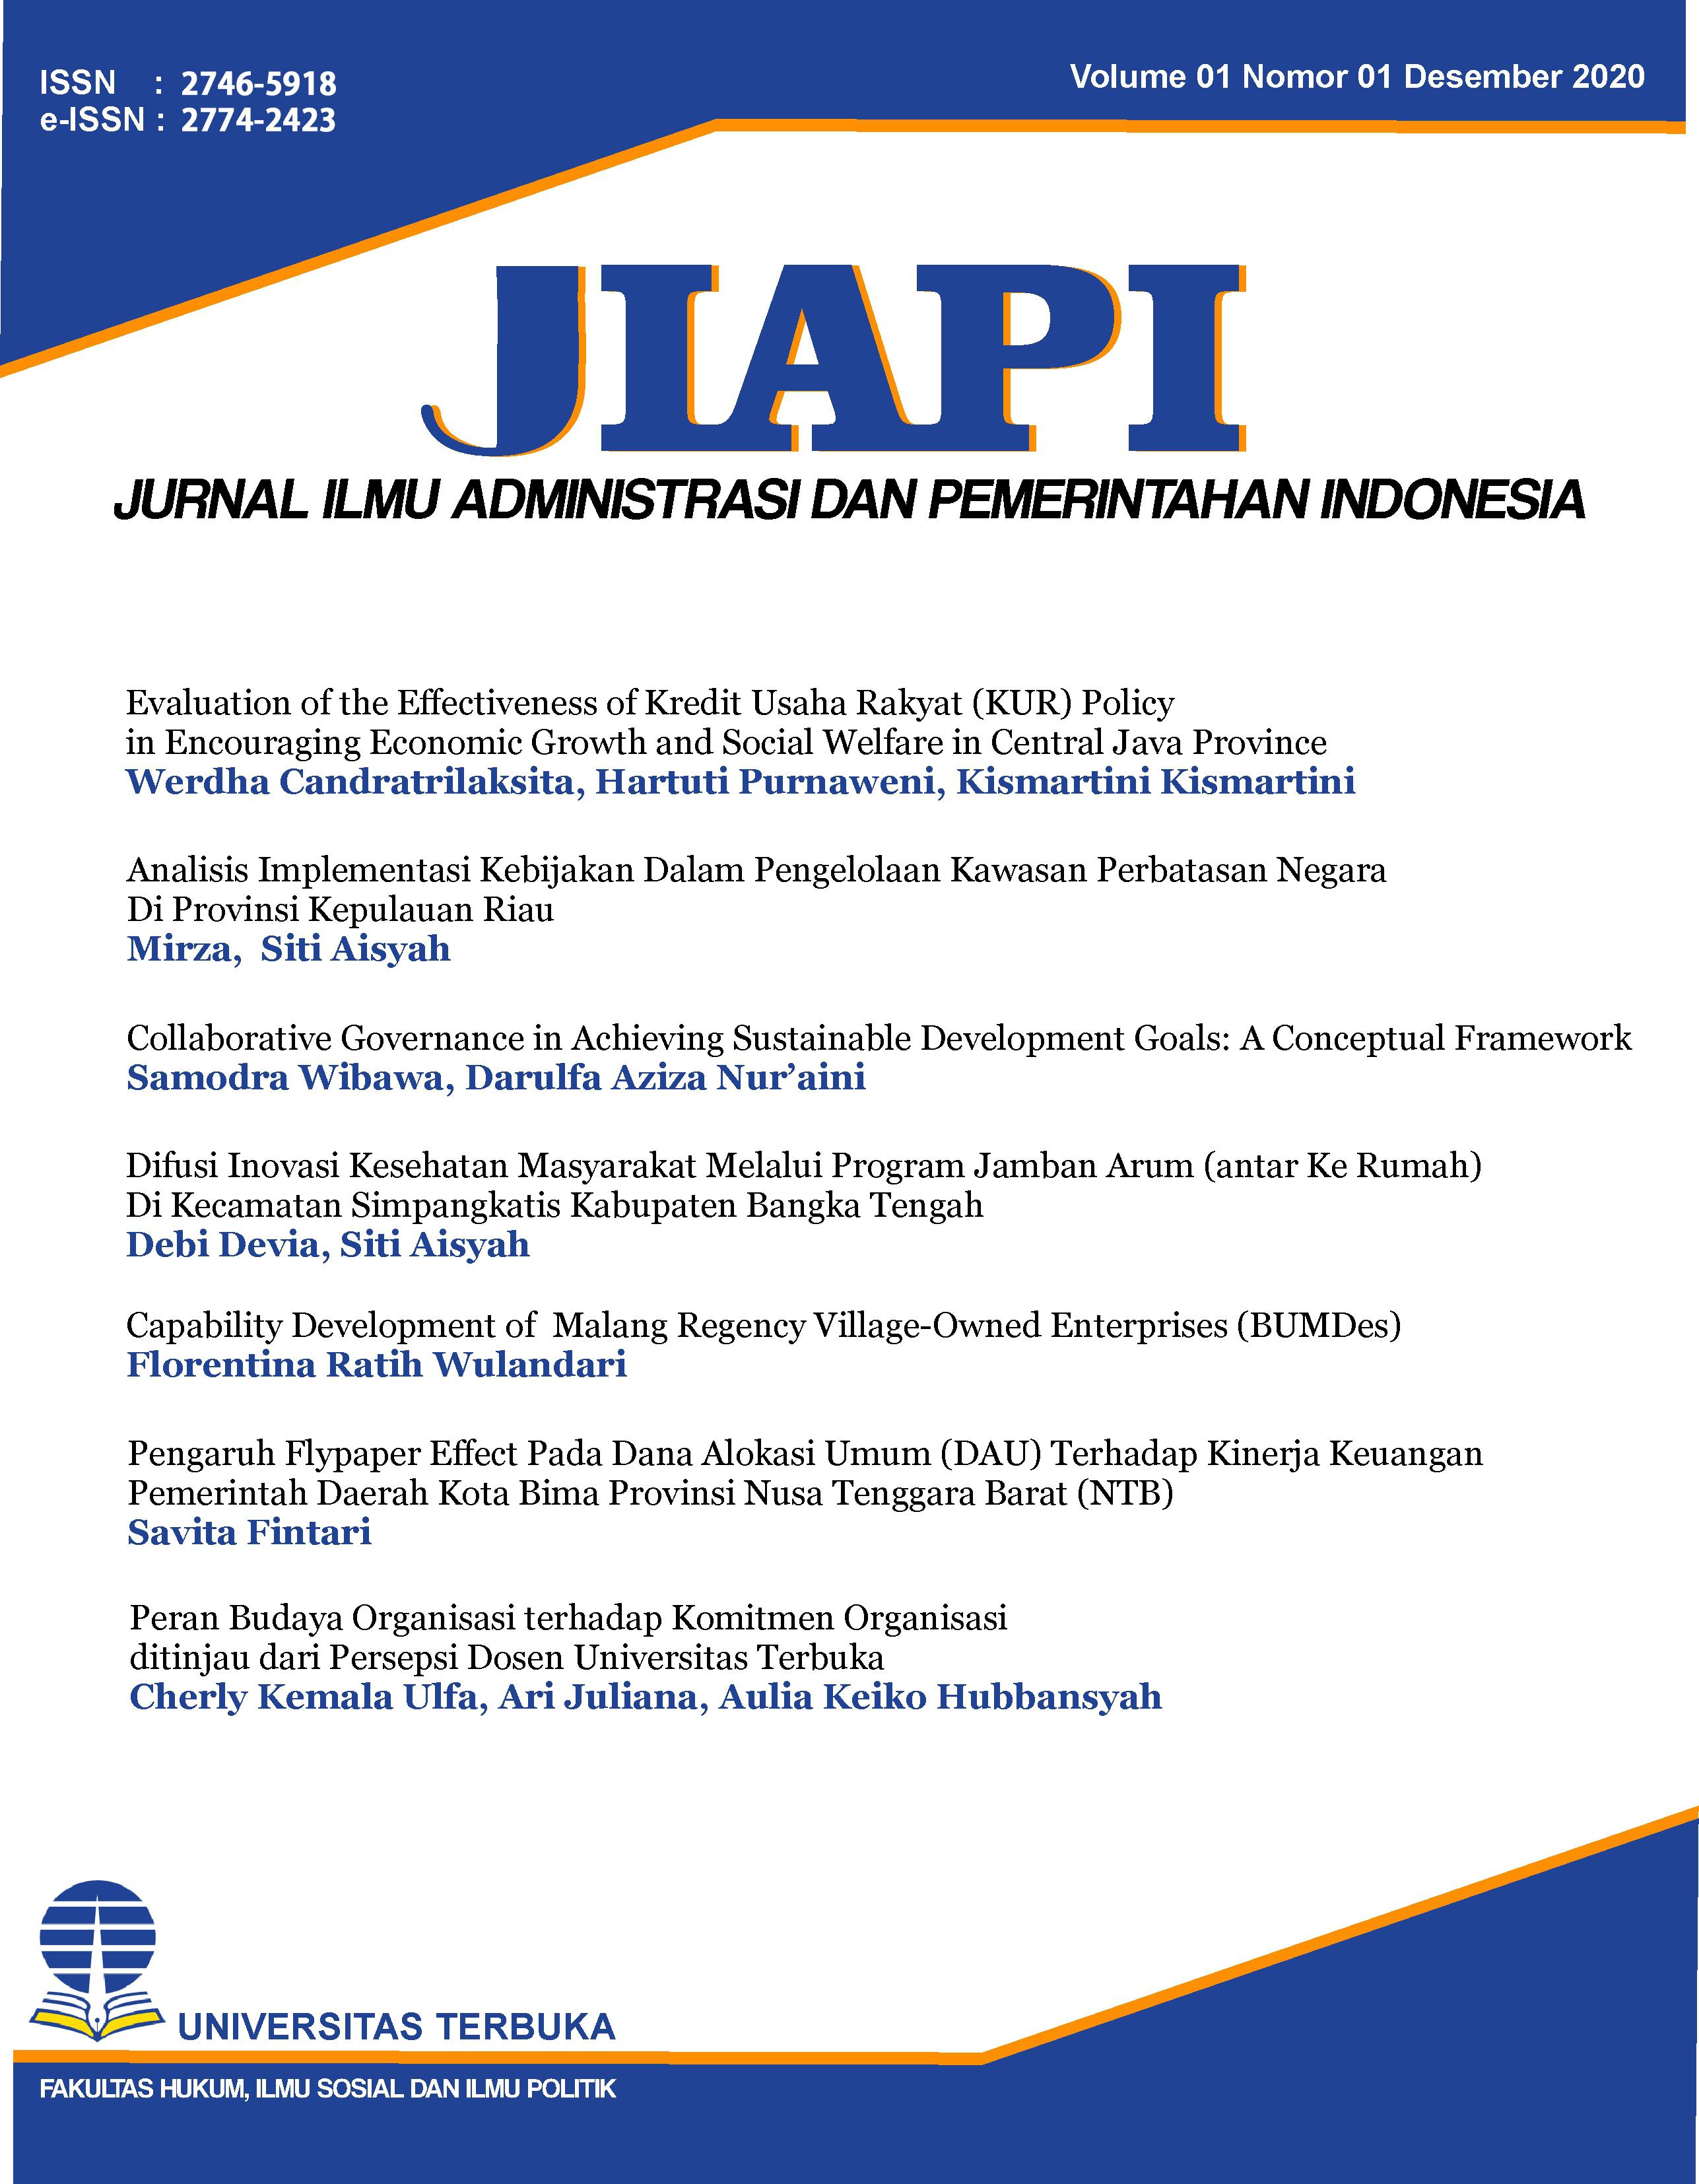 View Vol. 1 No. 01 (2020): JIAPI : Jurnal Ilmu Administrasi dan Pemerintahan Indonesia